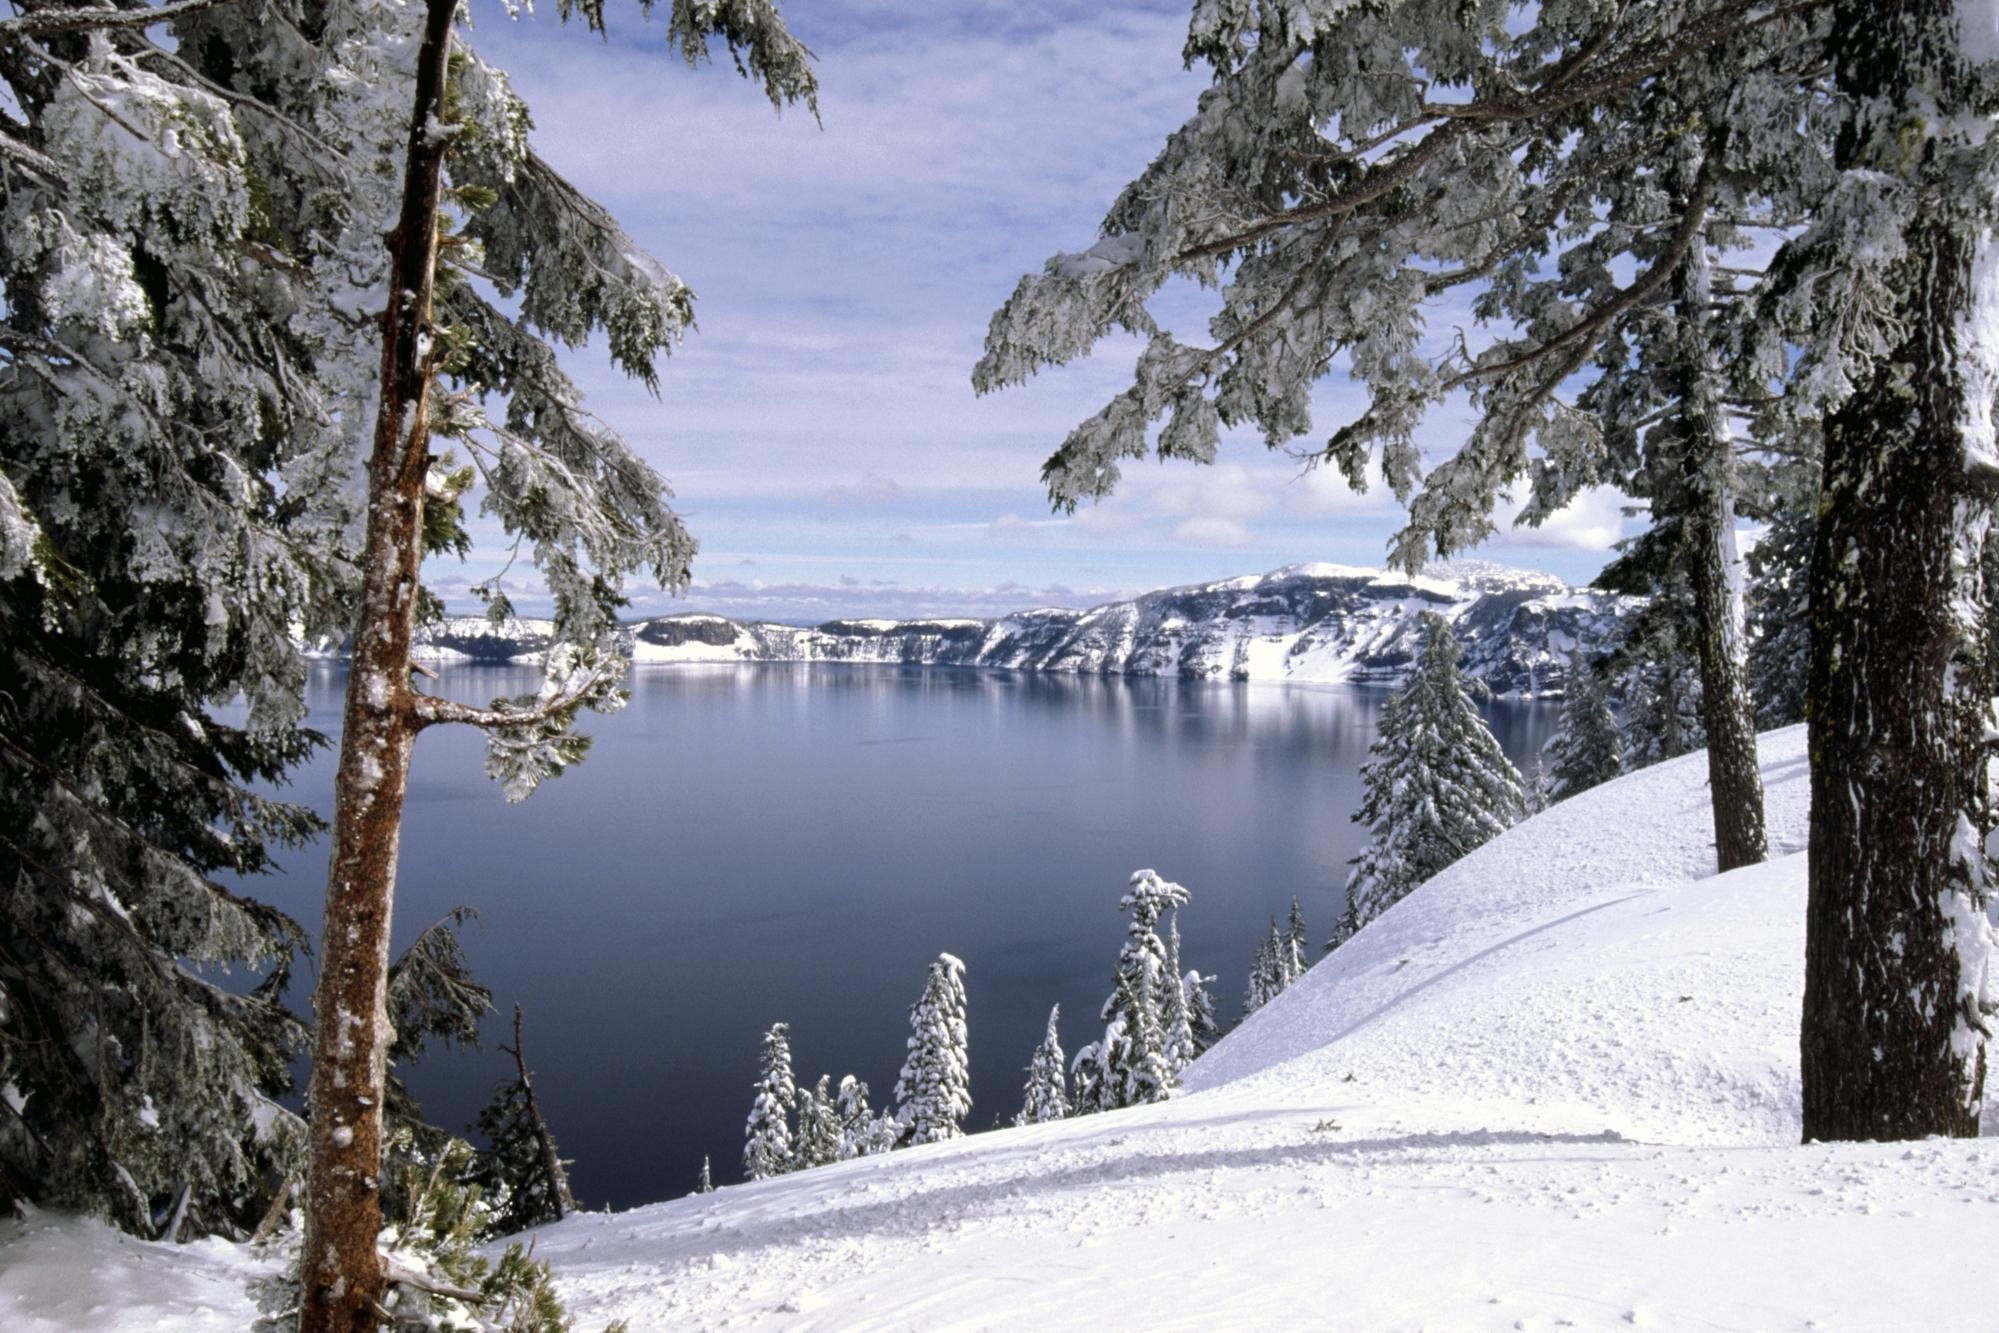 Зима, снег, лес, деревья обои скачать